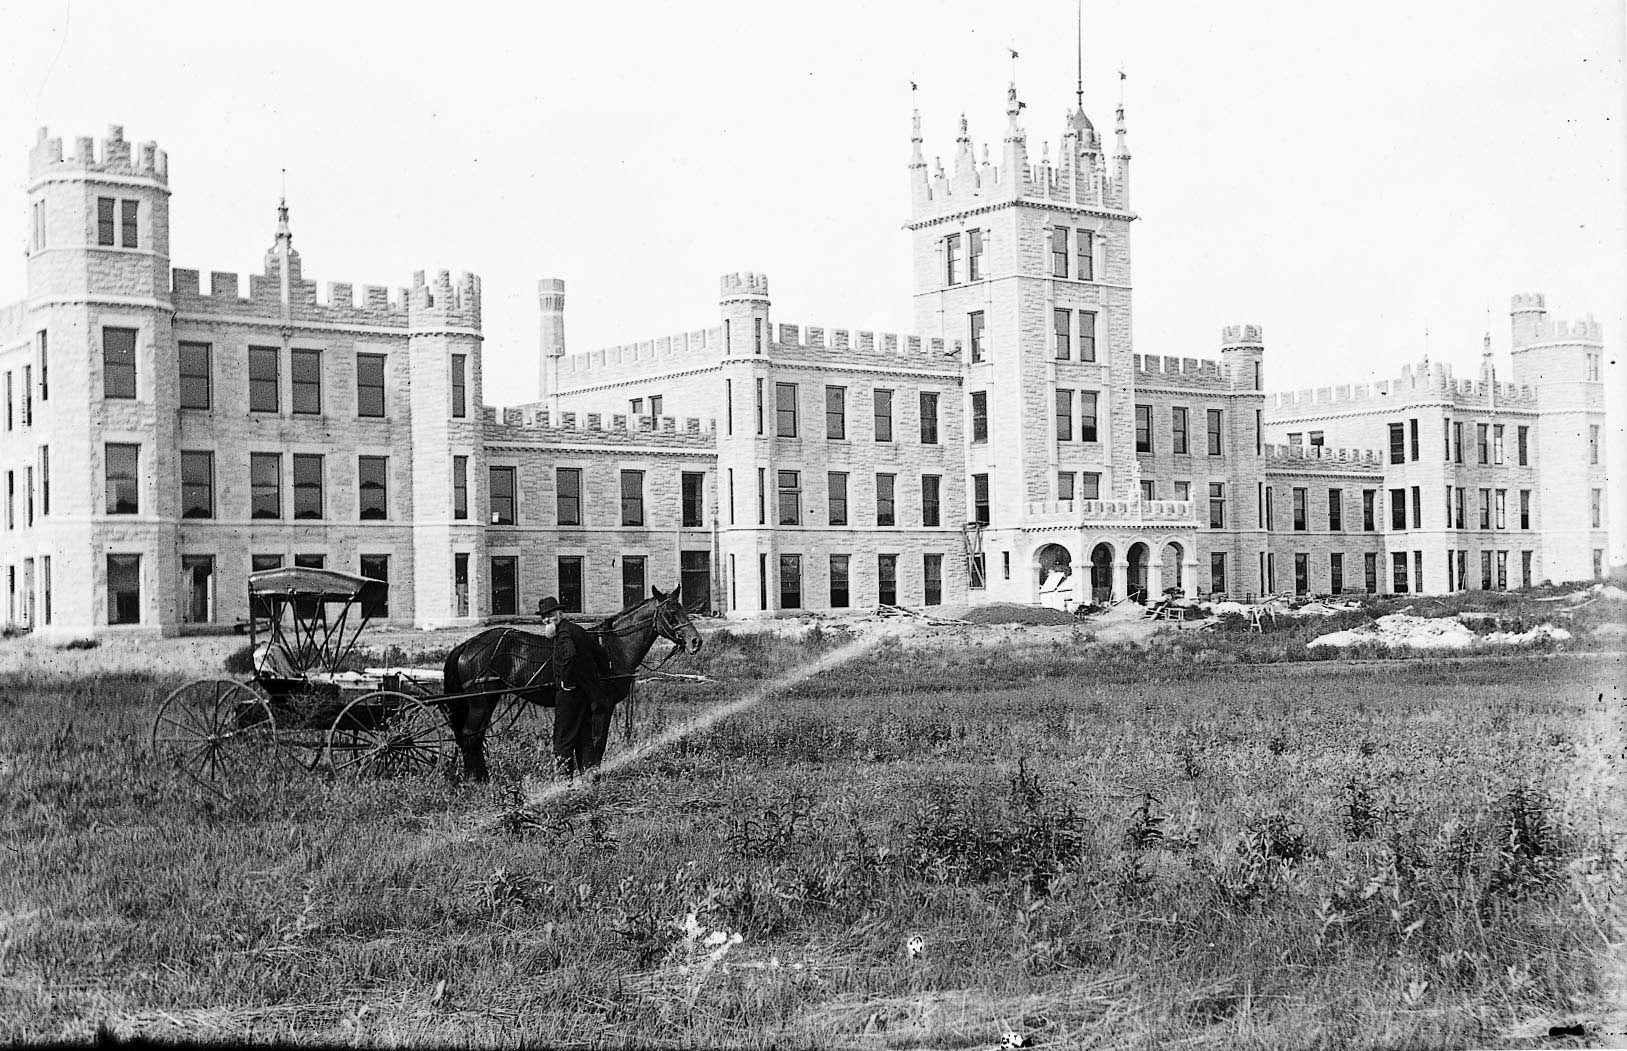 Northern Illinois Normal School Later Northern Illinois